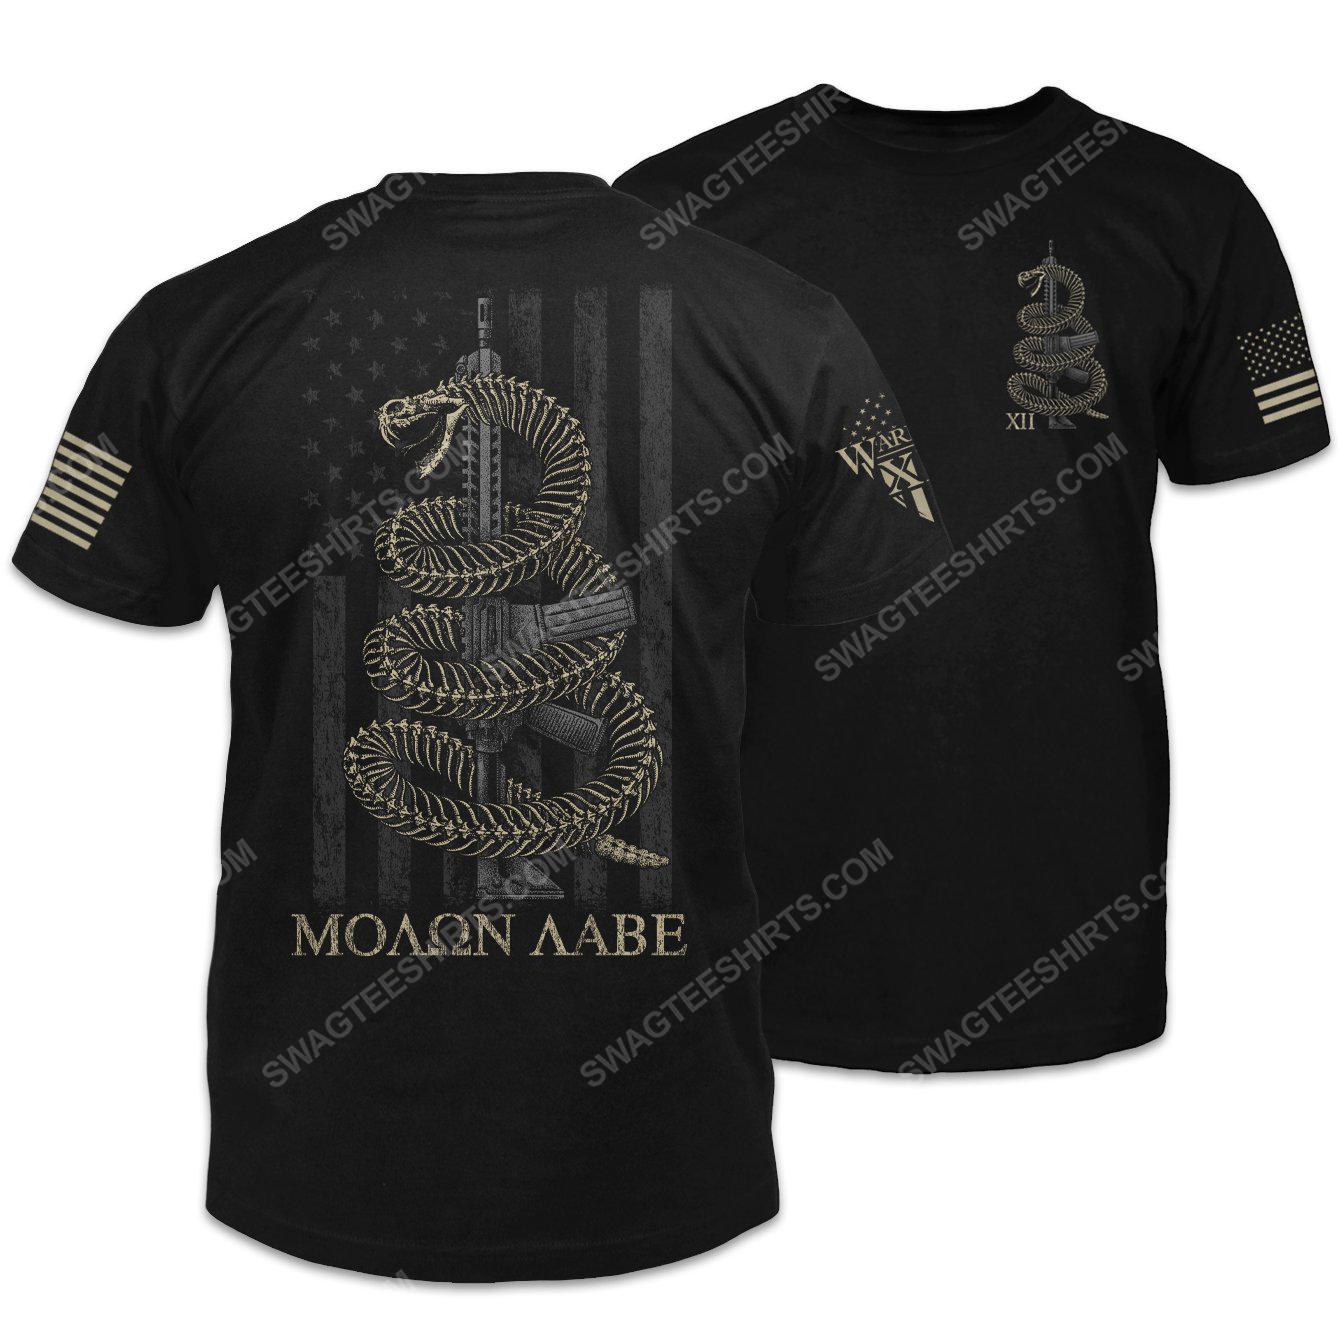 American flag gadsden snake come and take shirt 2(1)